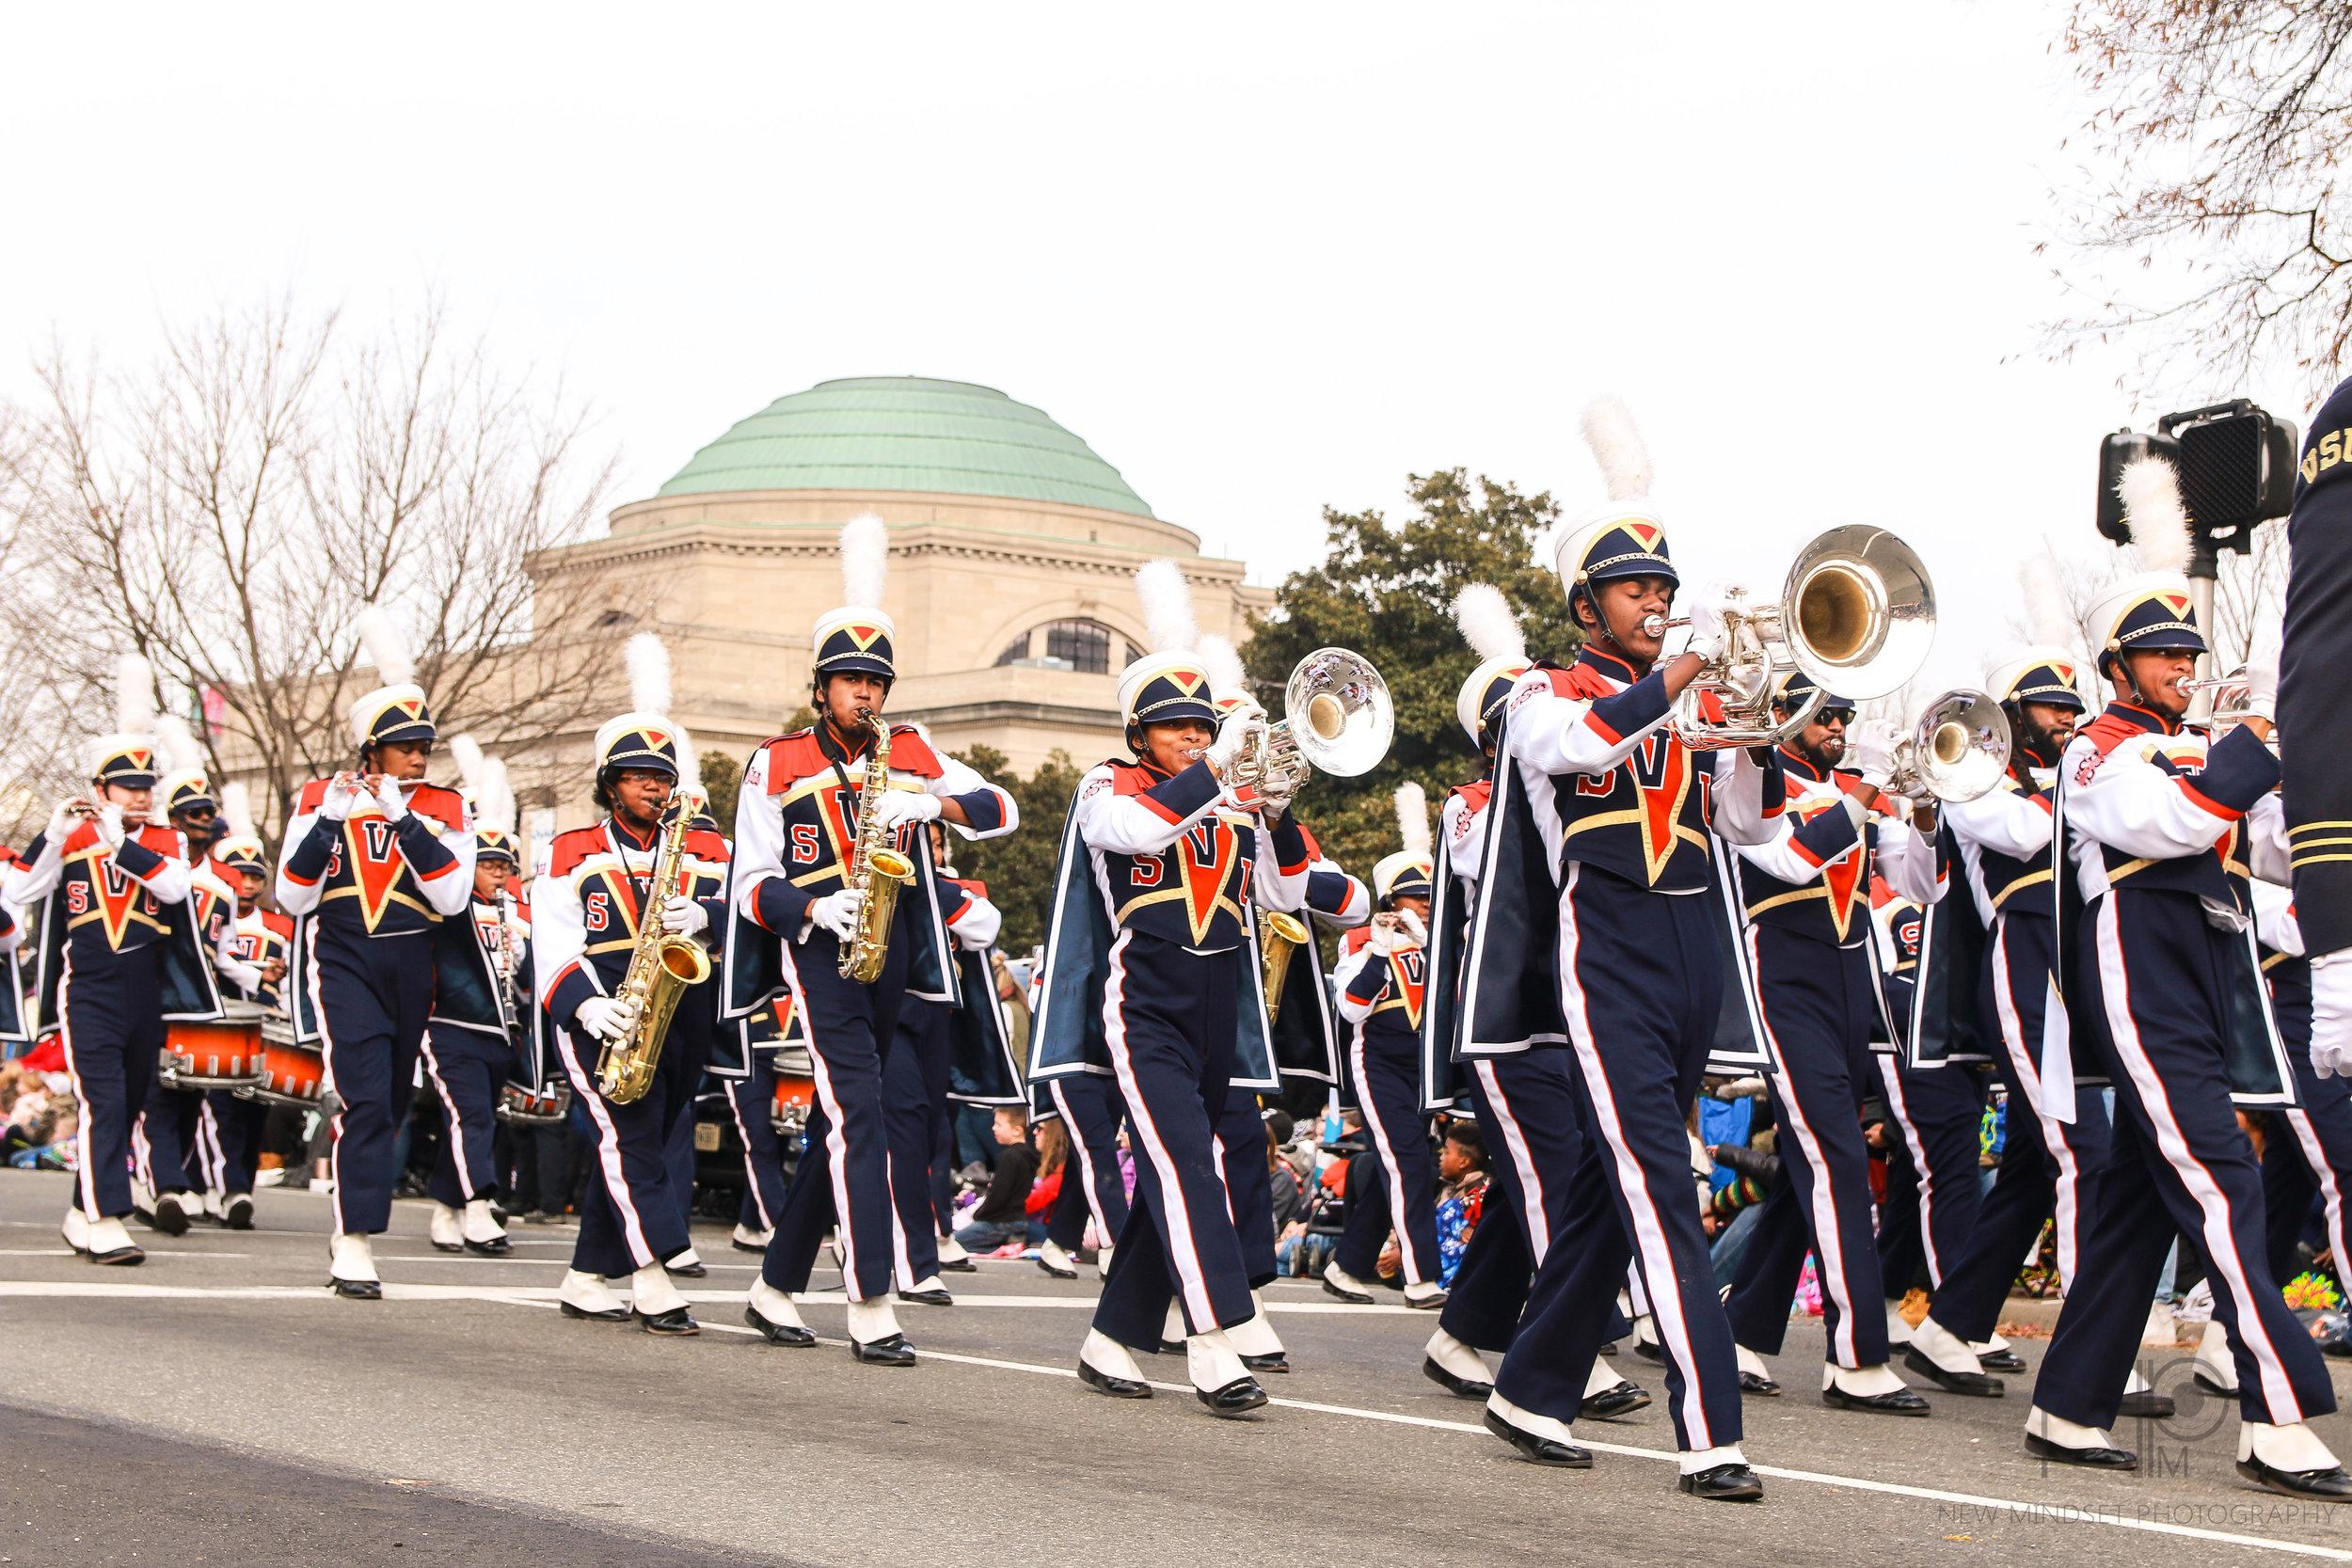 christparade17-15.jpg